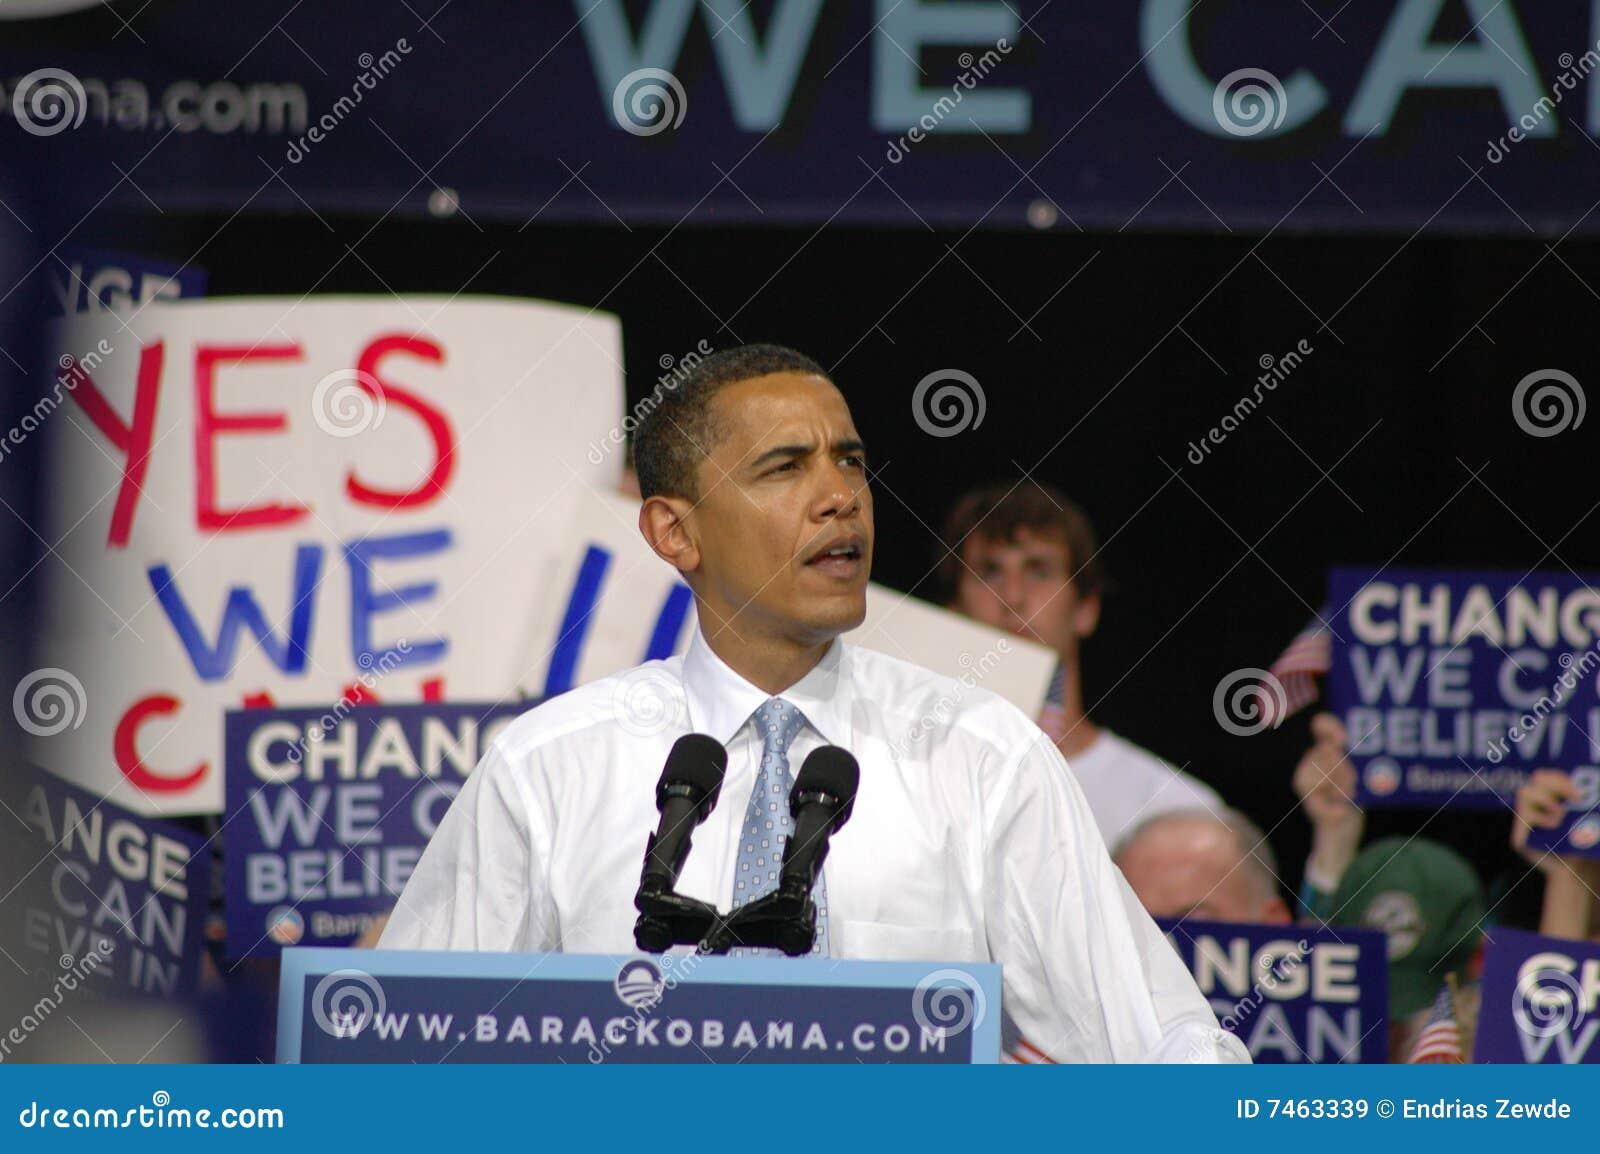 Barack Obama Time Magazine October 20 2008